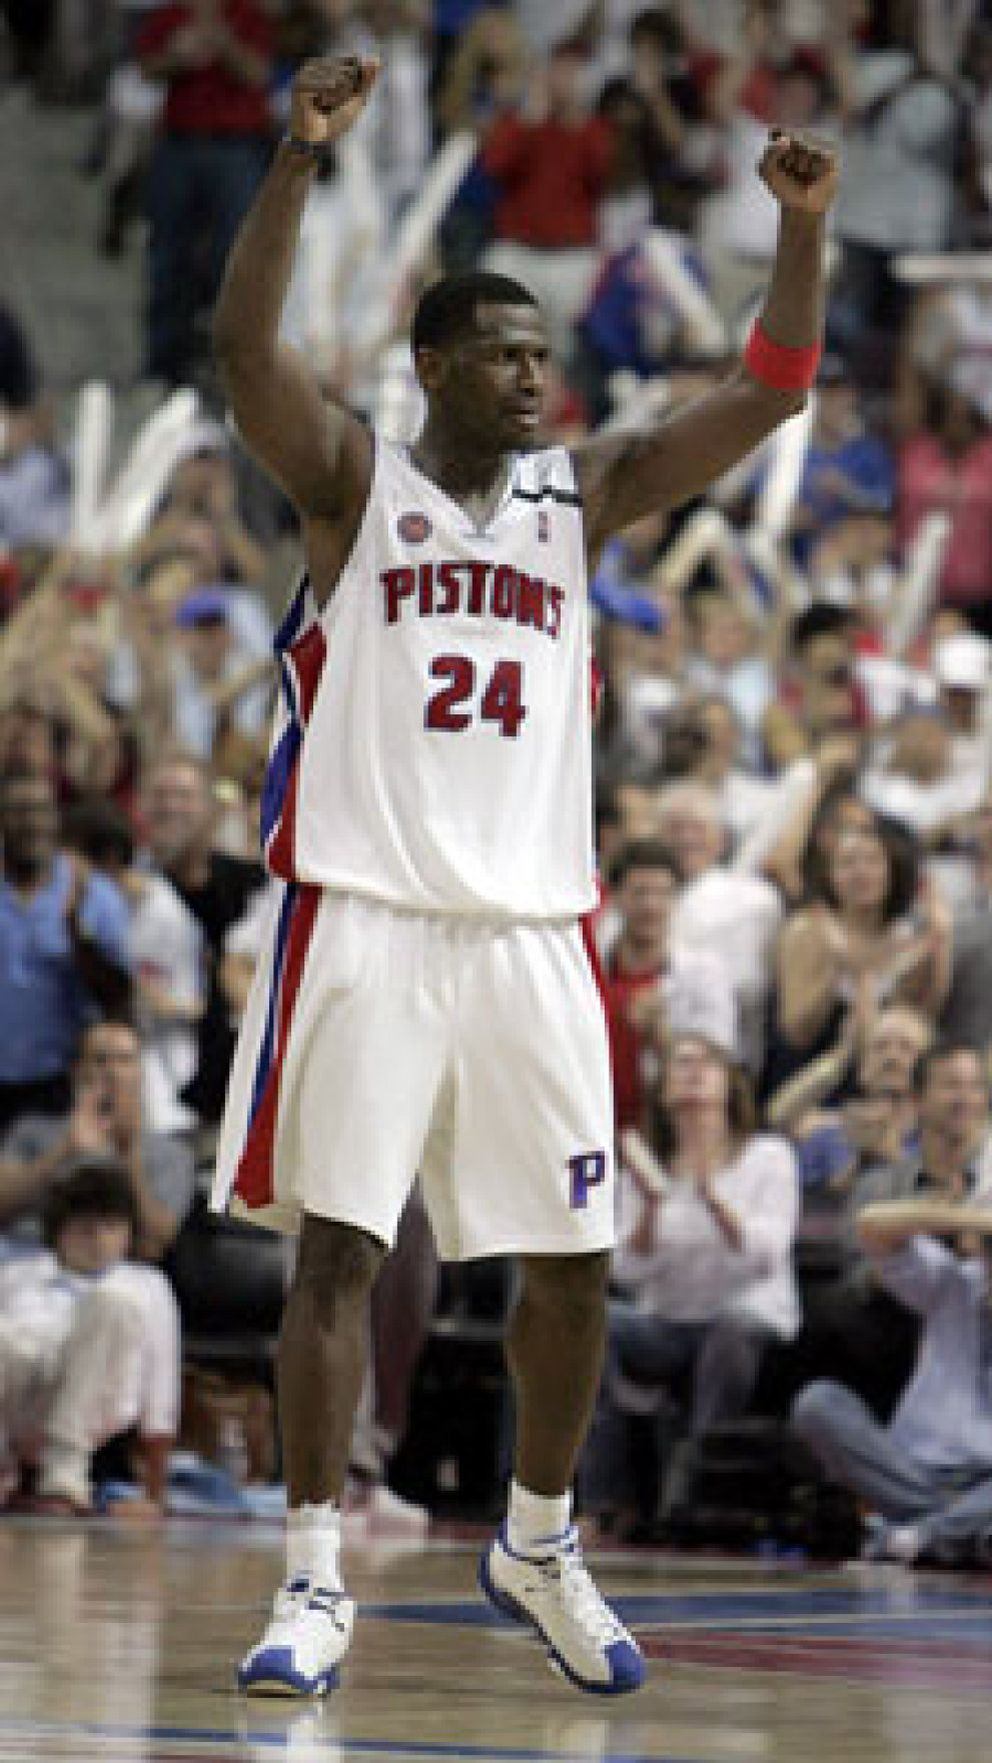 Foto: McDyess decidió el triunfo que dio el empate de la serie a los Pistons